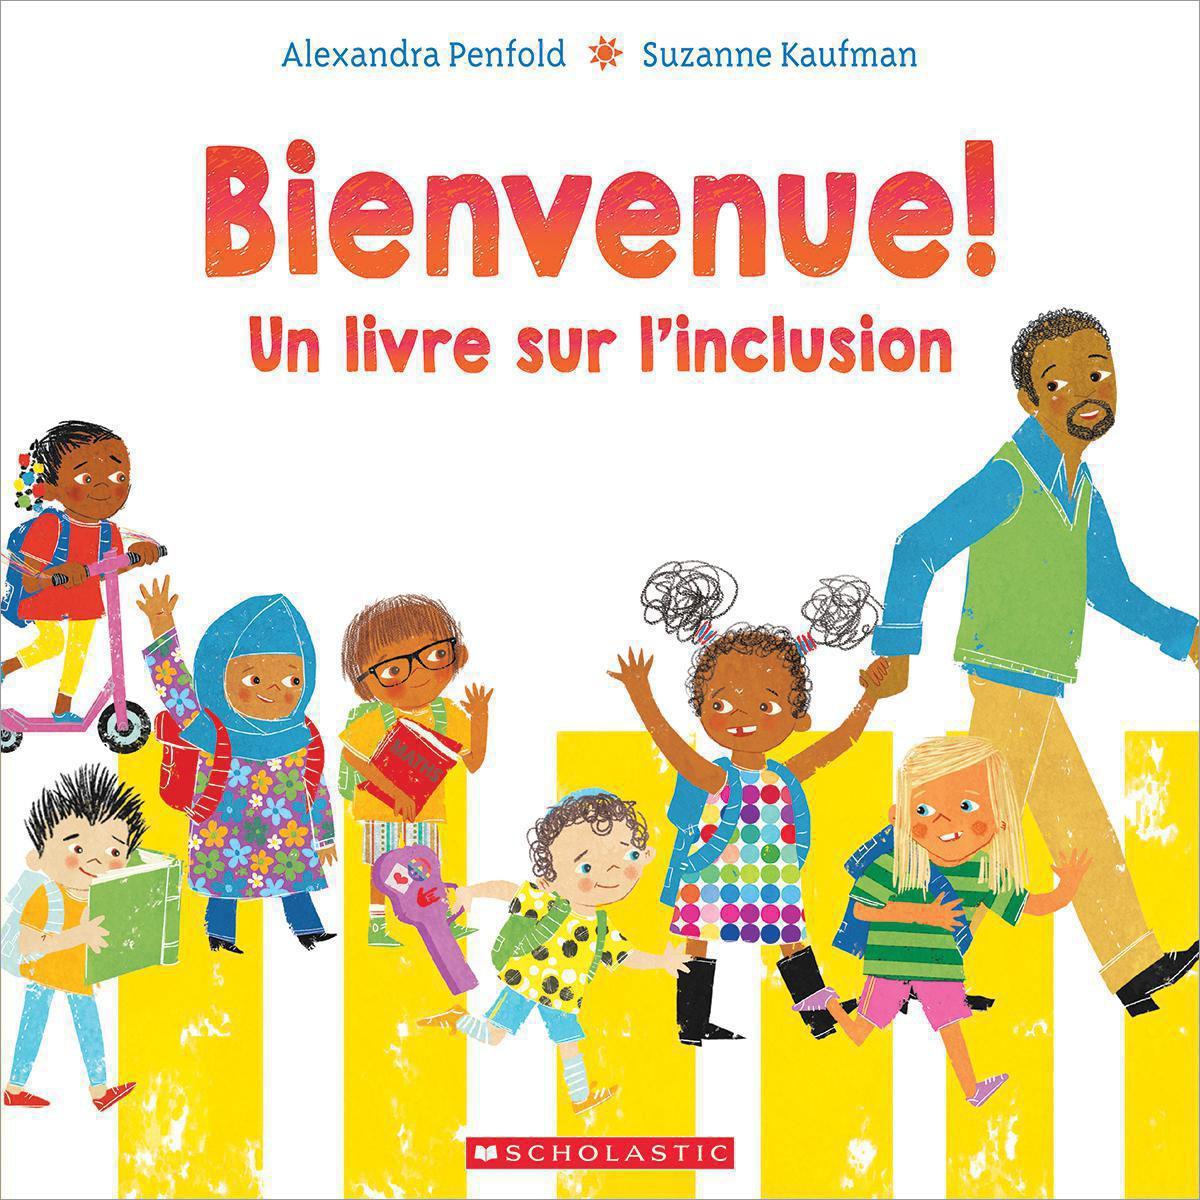 Bienvenue! Un livre sur l'inclusion